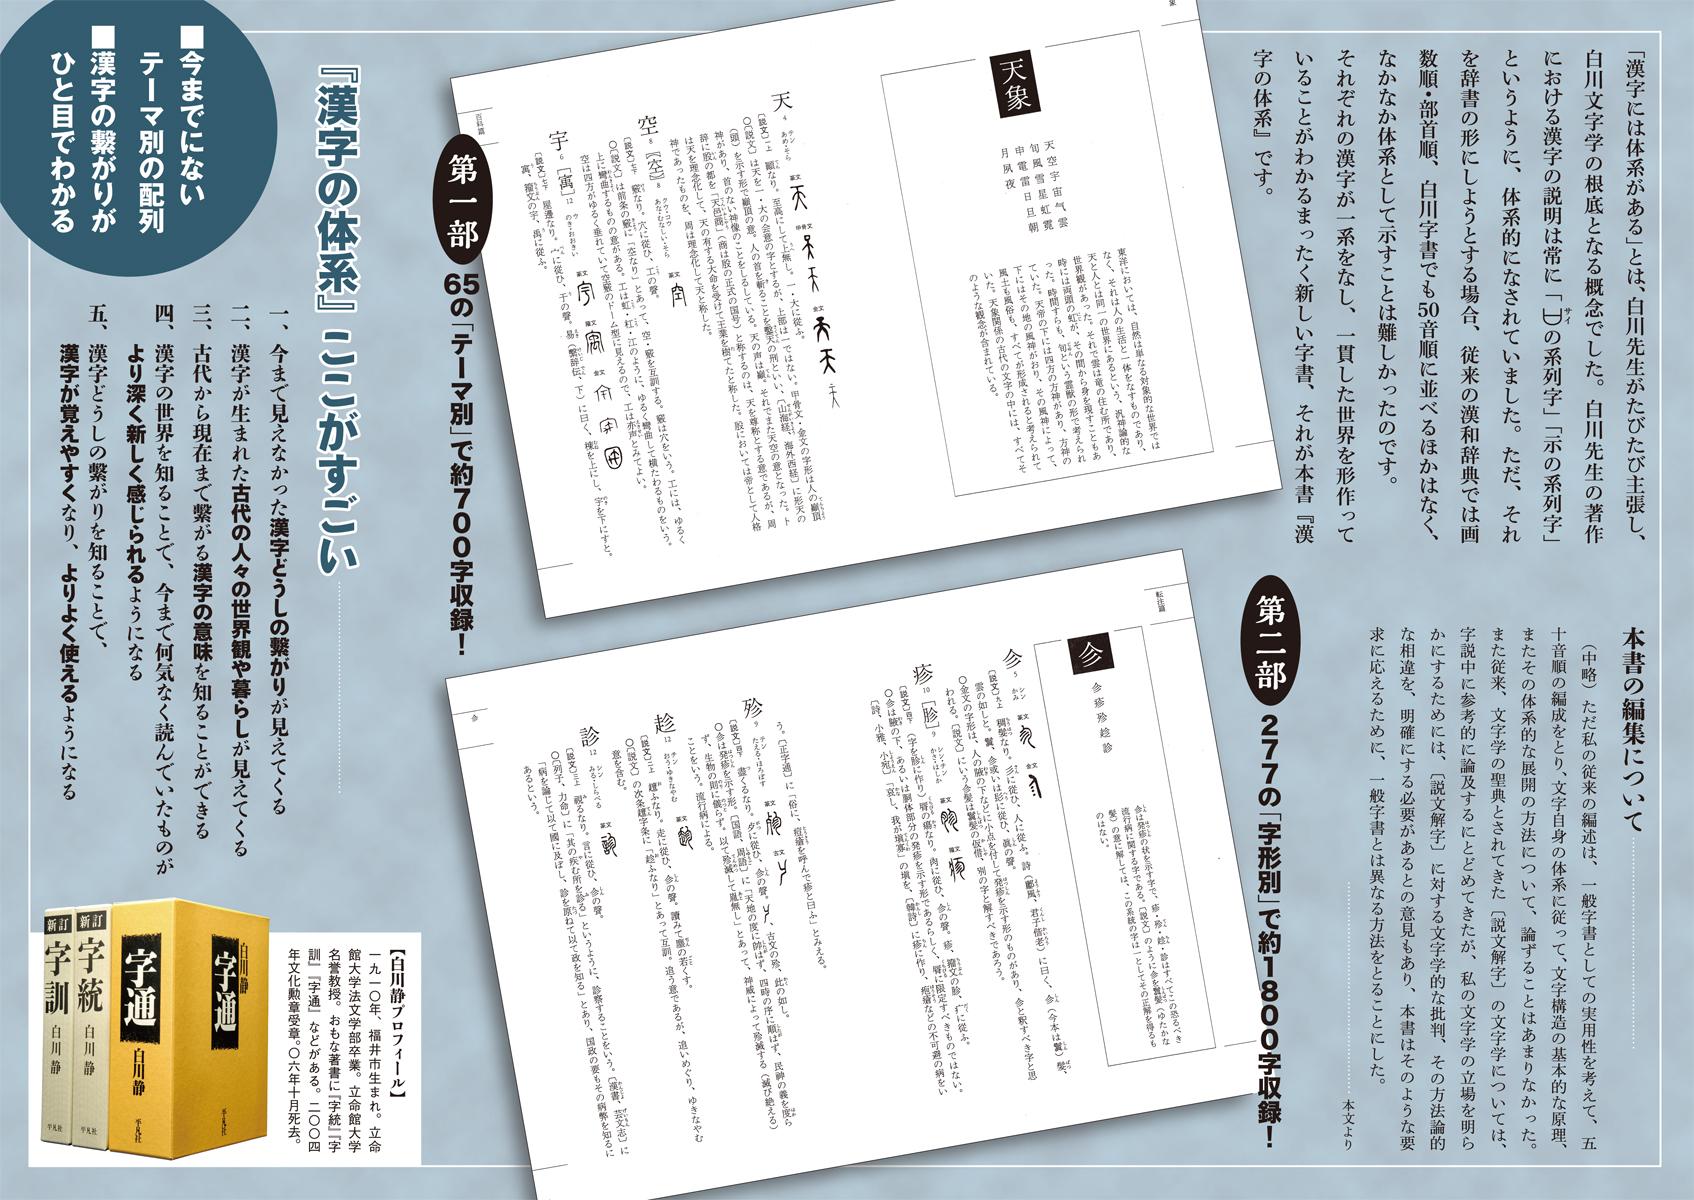 漢字の体系 - 平凡社